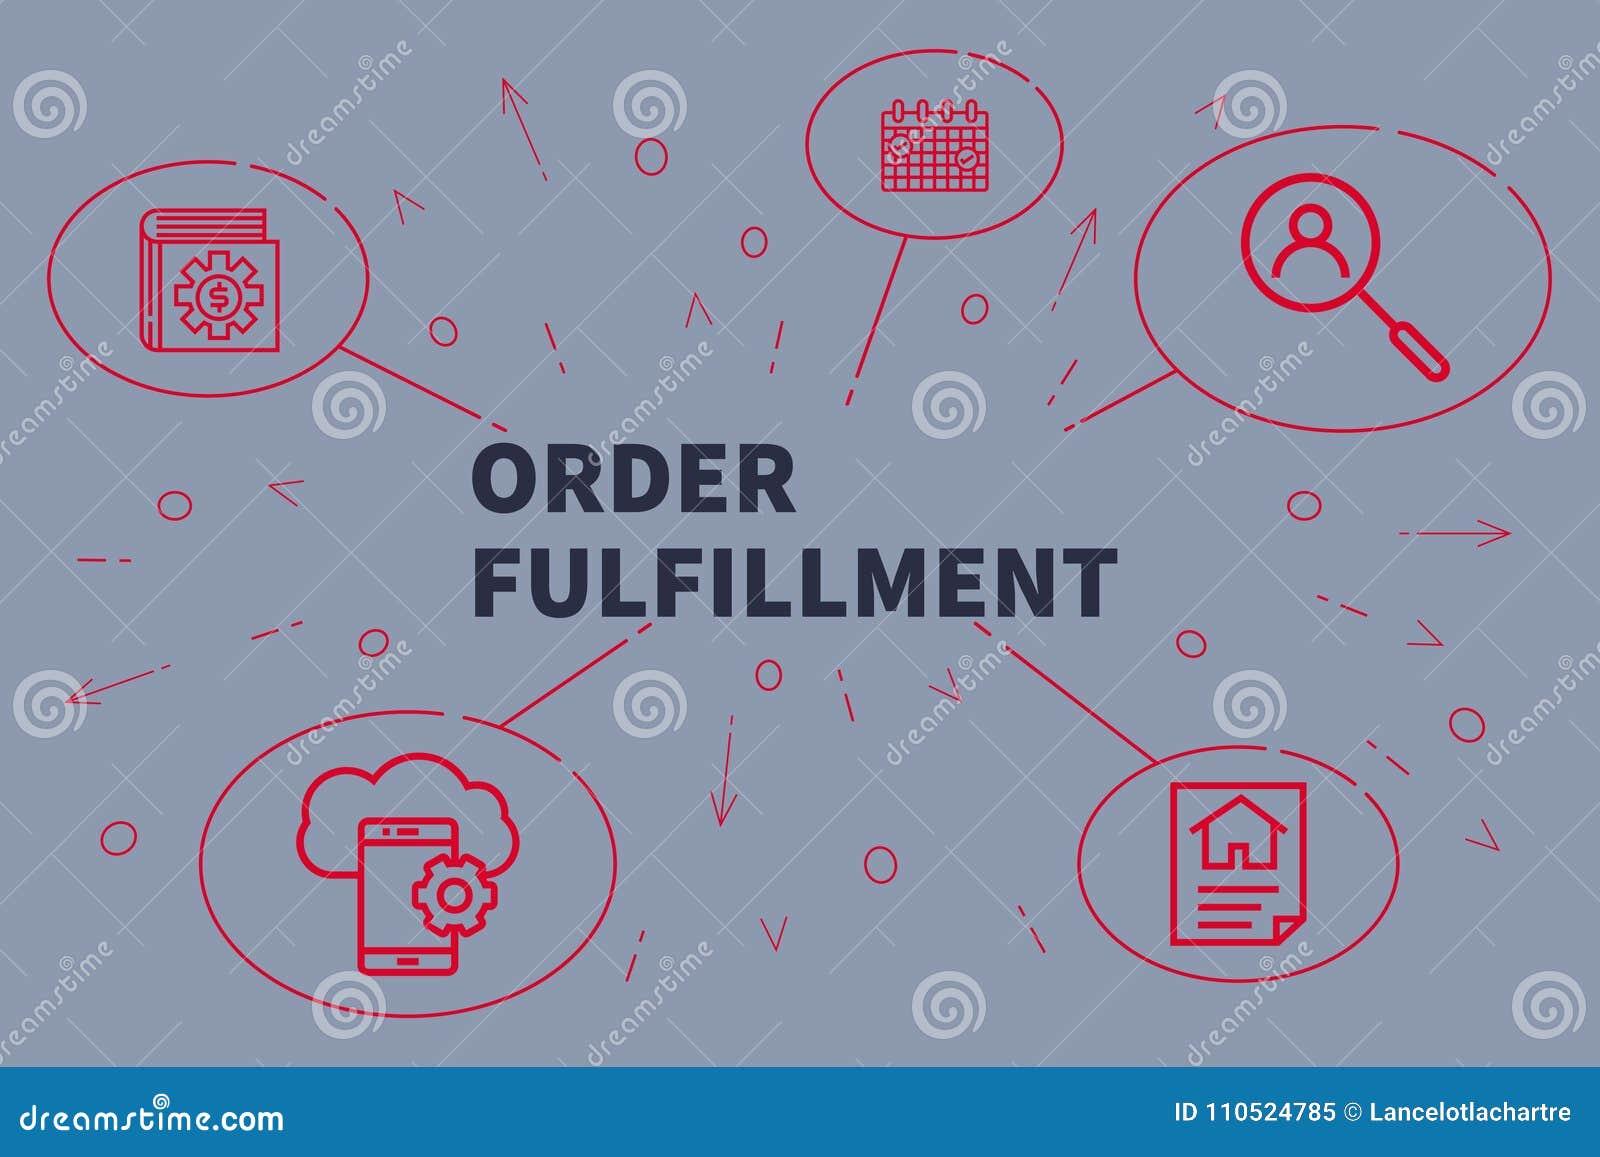 De conceptuele bedrijfsillustratie met de woordenorde fulfillmen